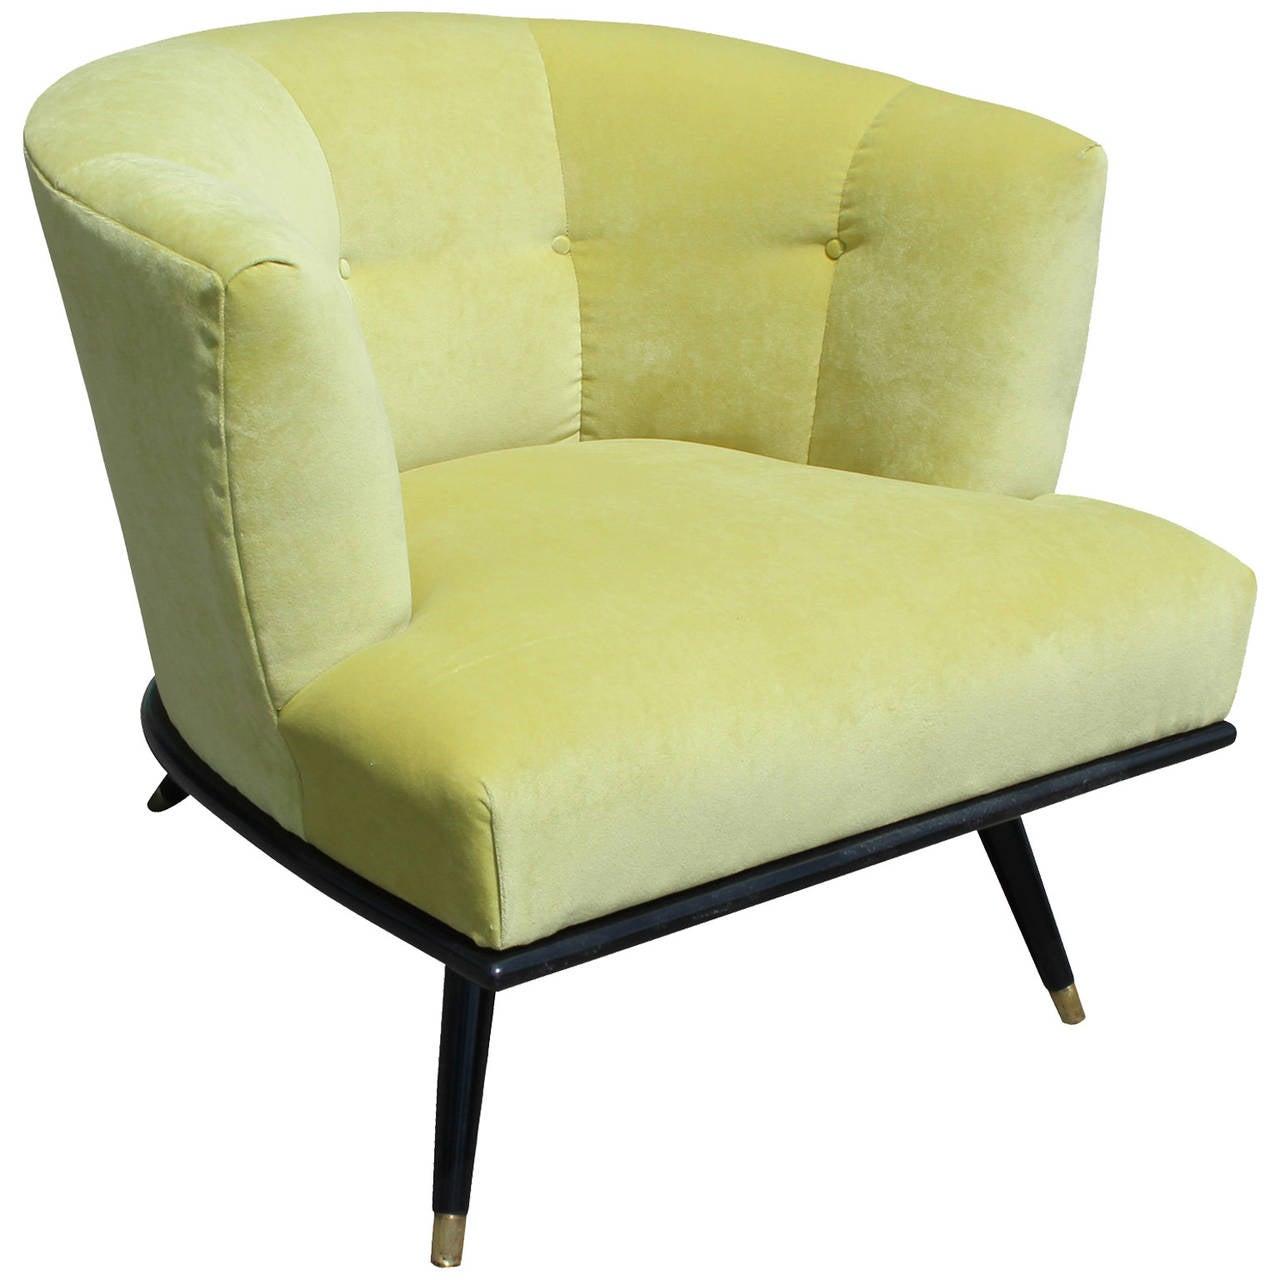 Modern Italian Style Barrel Back Chair In Green Velvet With